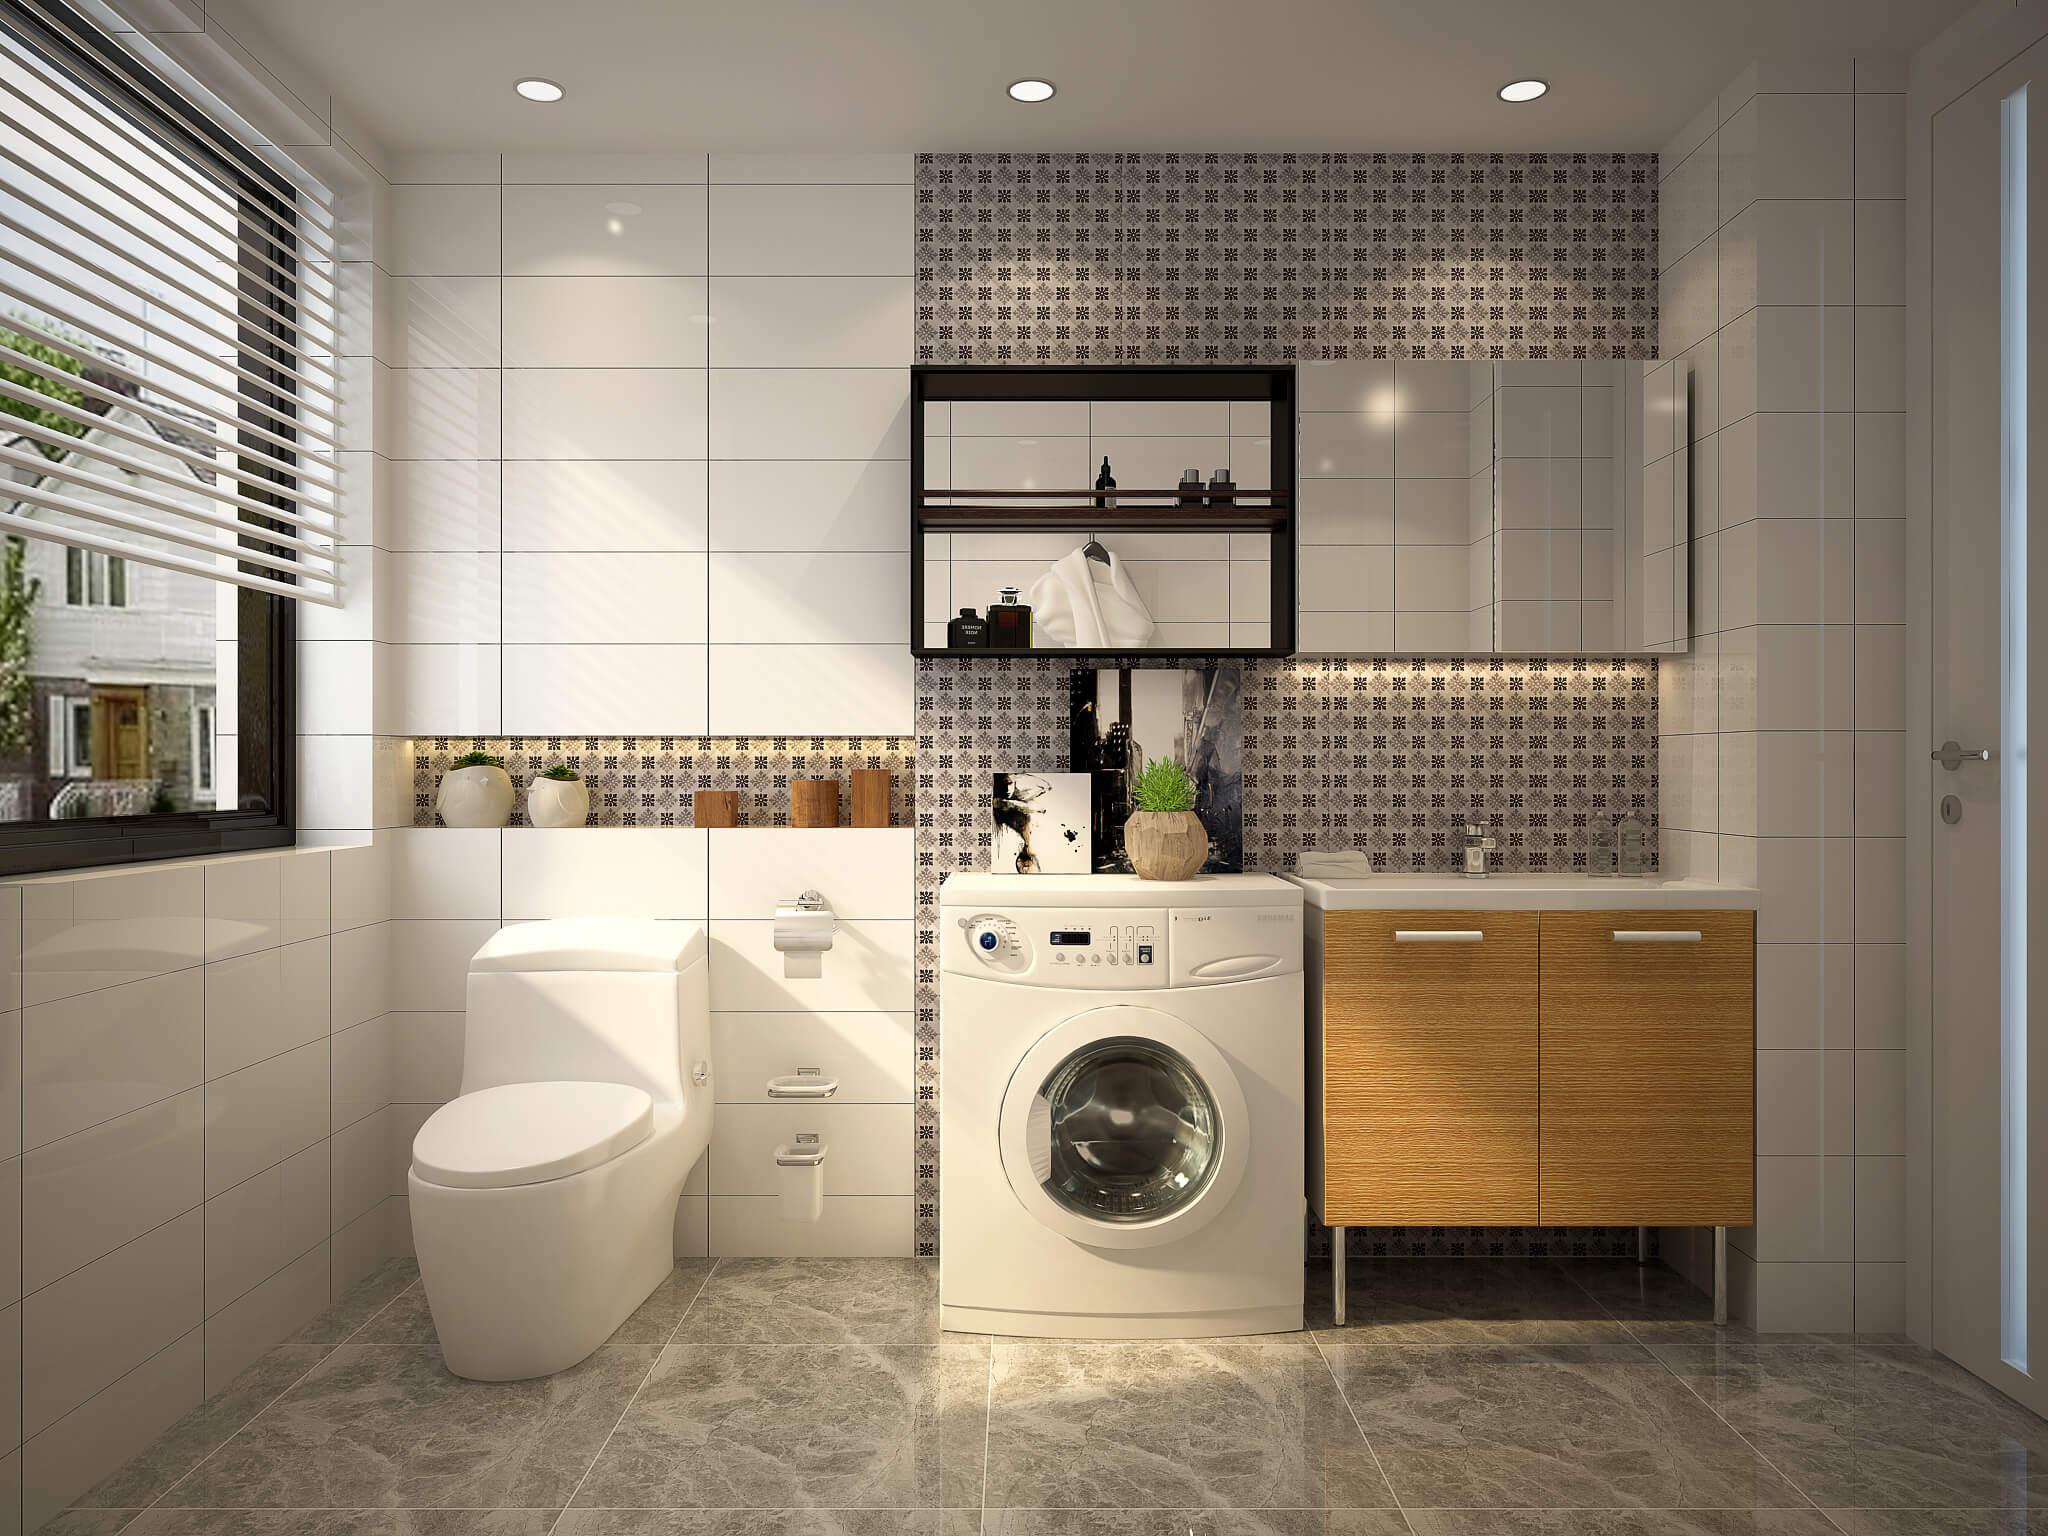 房子装修步骤和流程以及新房装修多久能入住